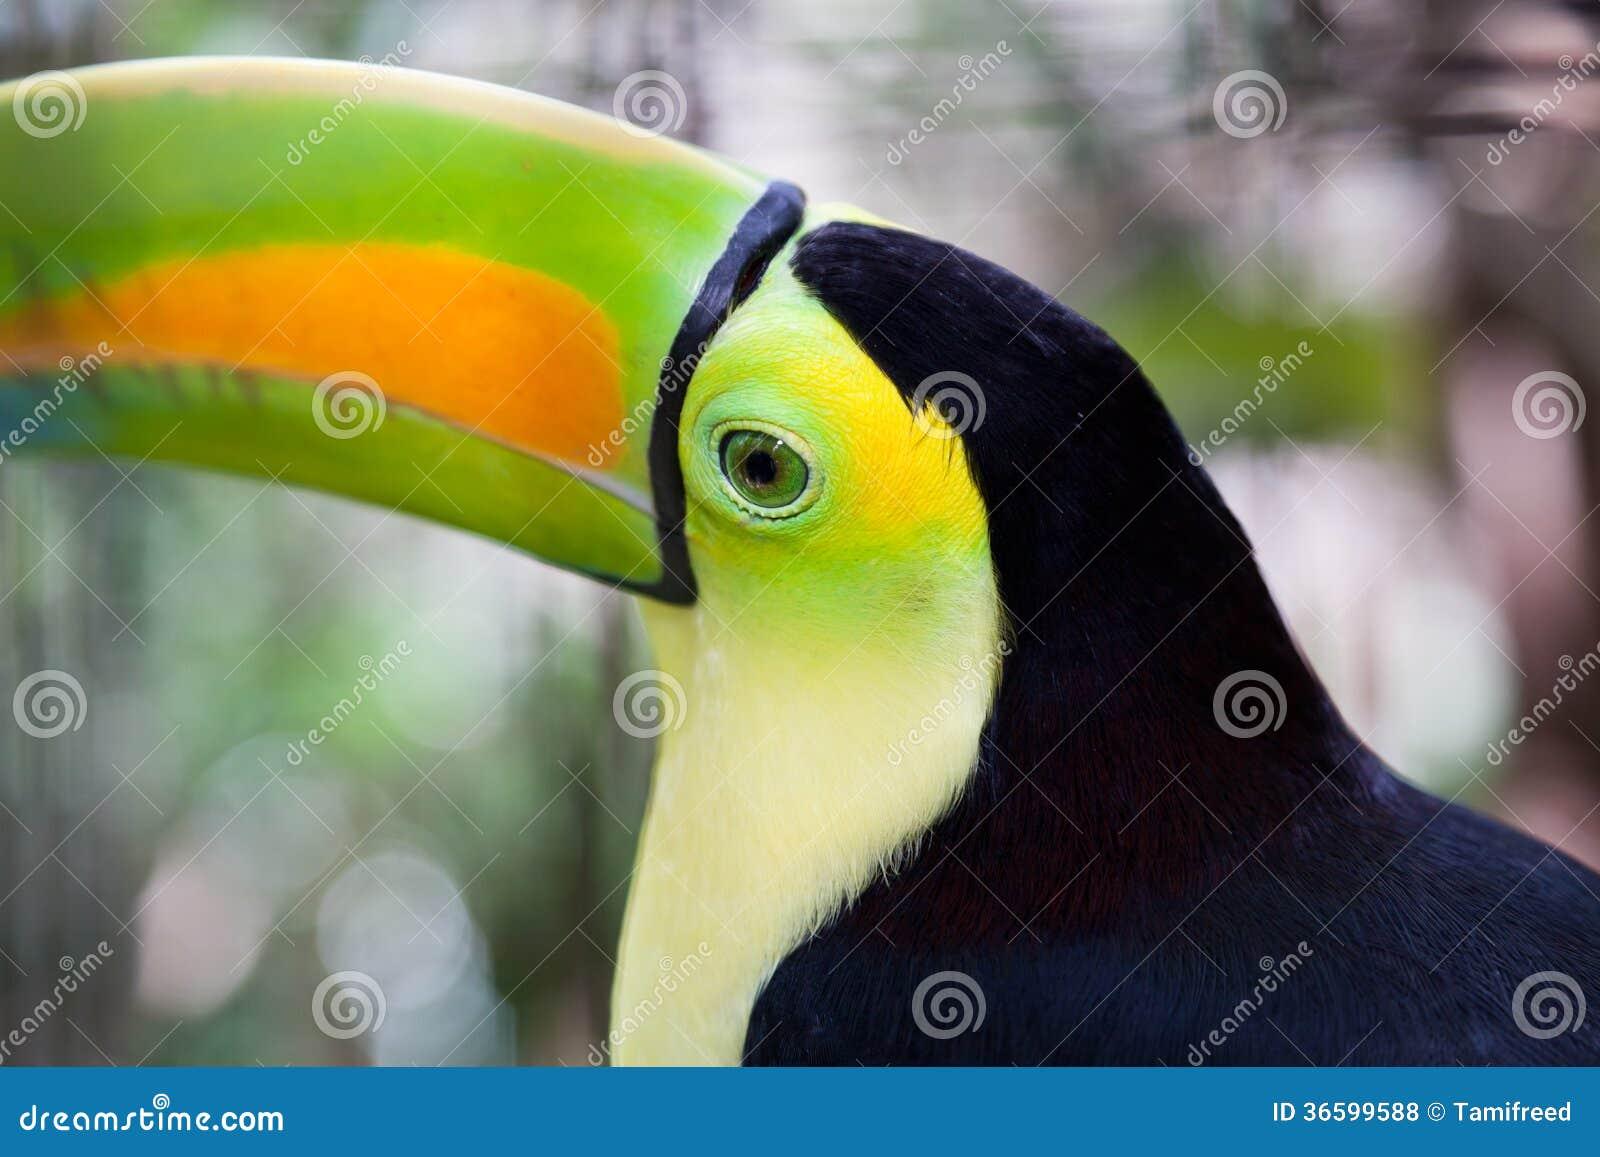 Schwarze und gelbe federn gestalten grüne und gelbe haut um ein grün